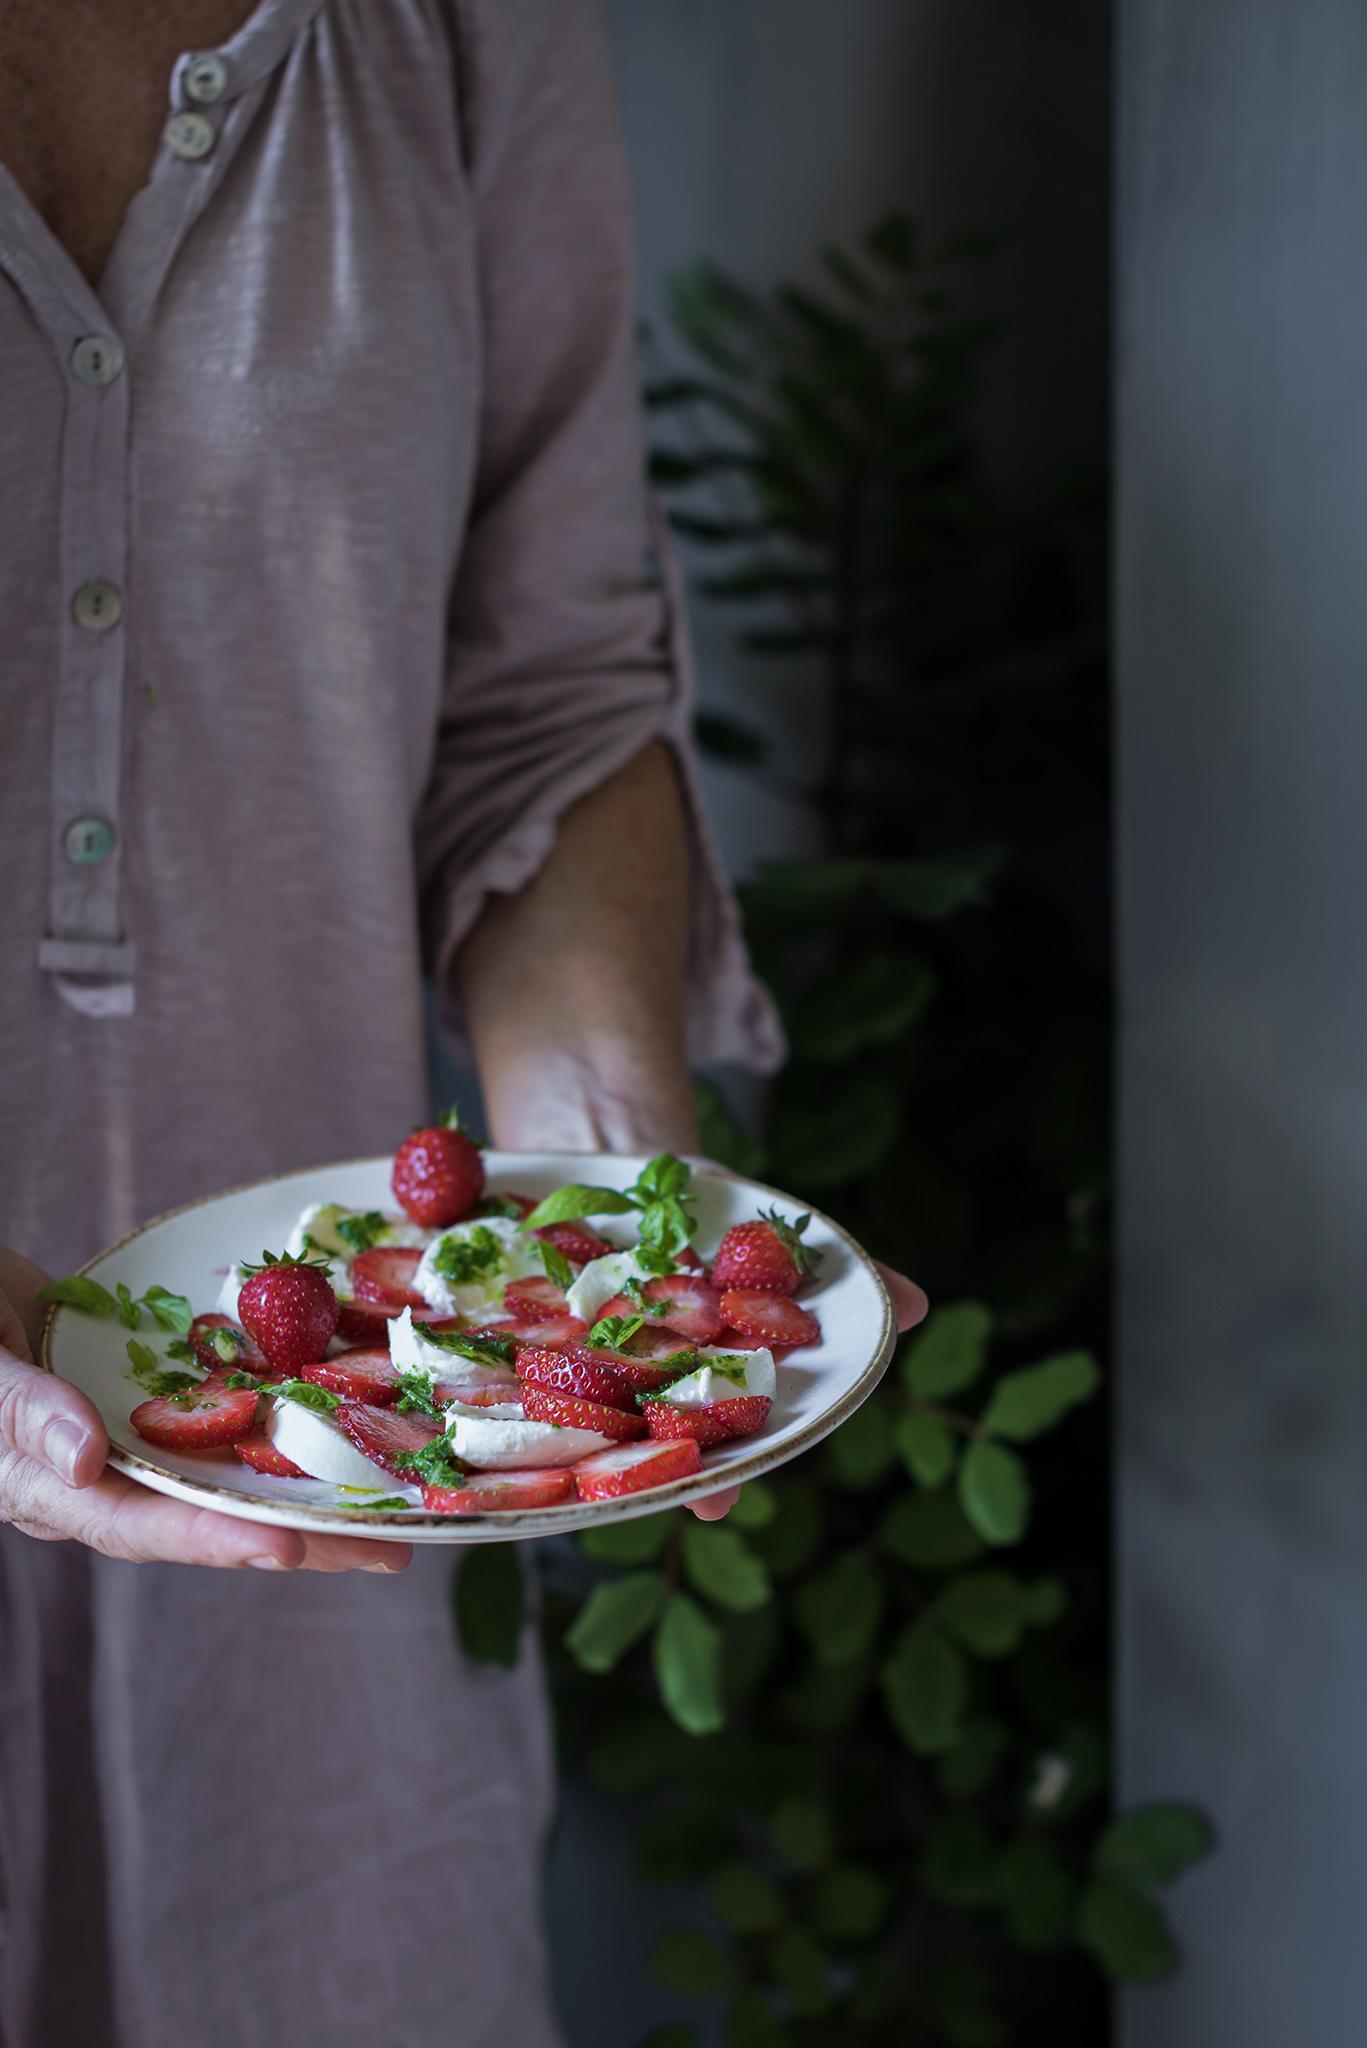 Ensalada original y vistosa de fresas y mozarella